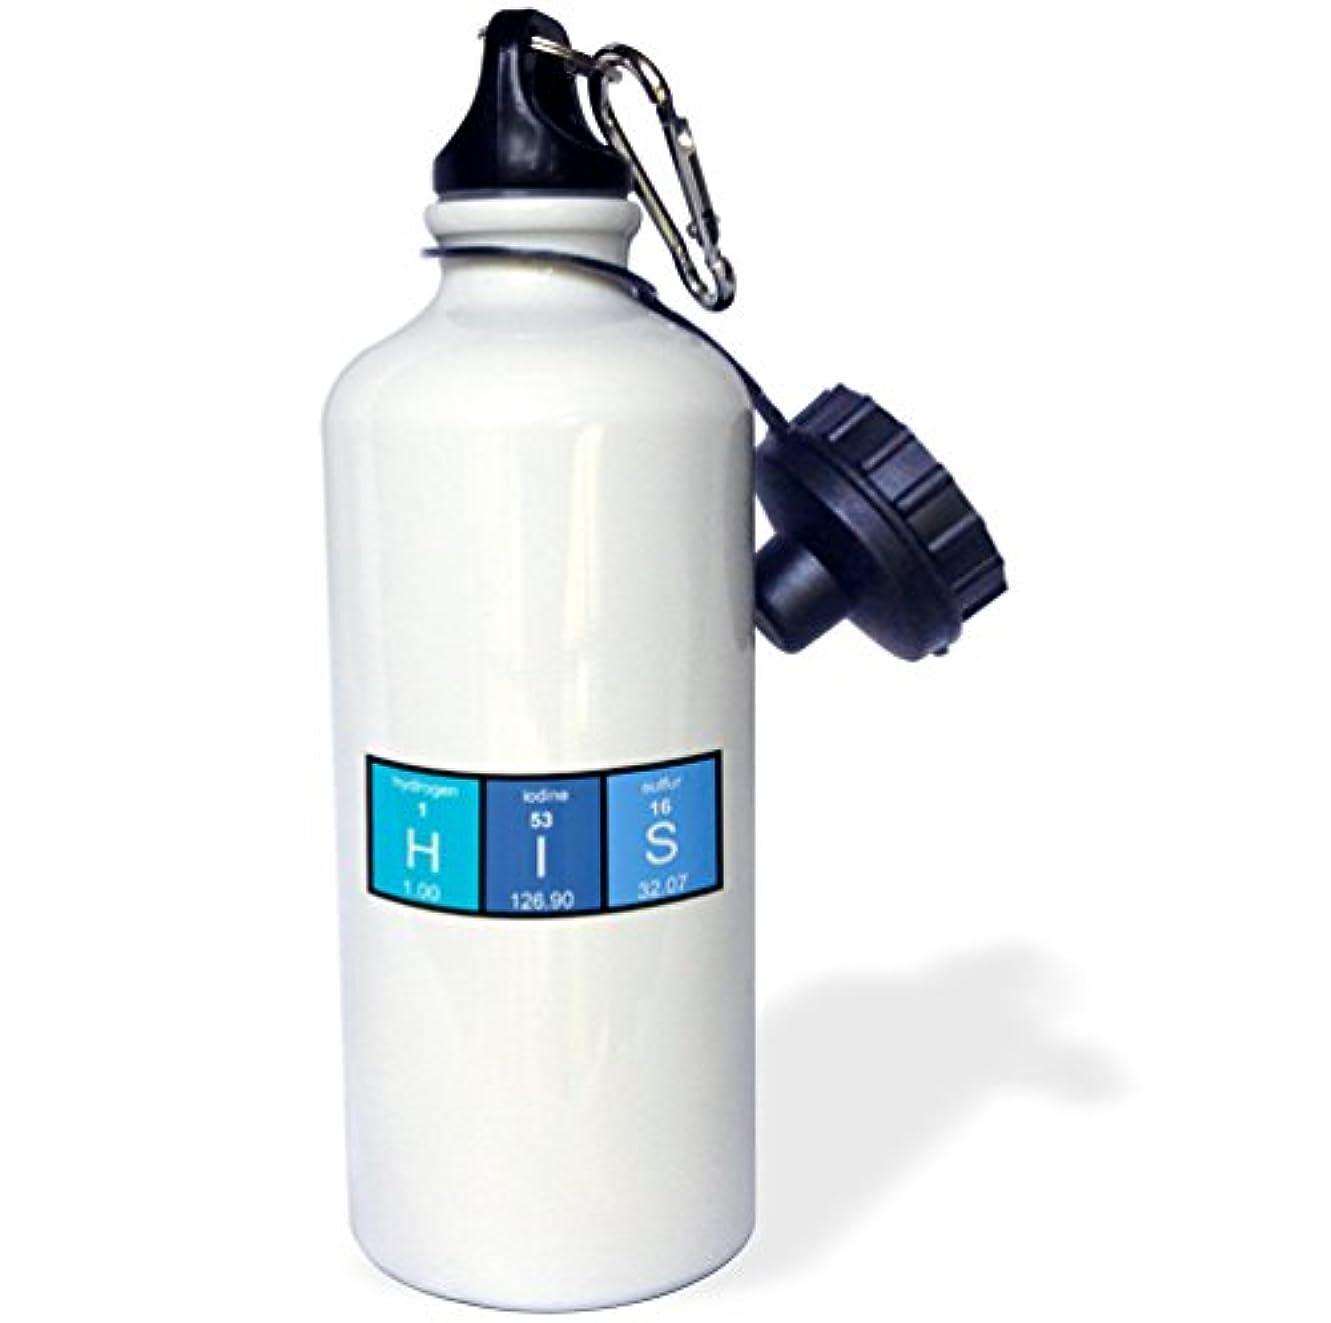 彼女の遠い些細3dローズInspirationzStore周期表 – ブルーで彼の要素から周期表 – 半分の彼と彼女セット – 21 ozスポーツウォーターボトル( WB _ 233062 _ 1 )